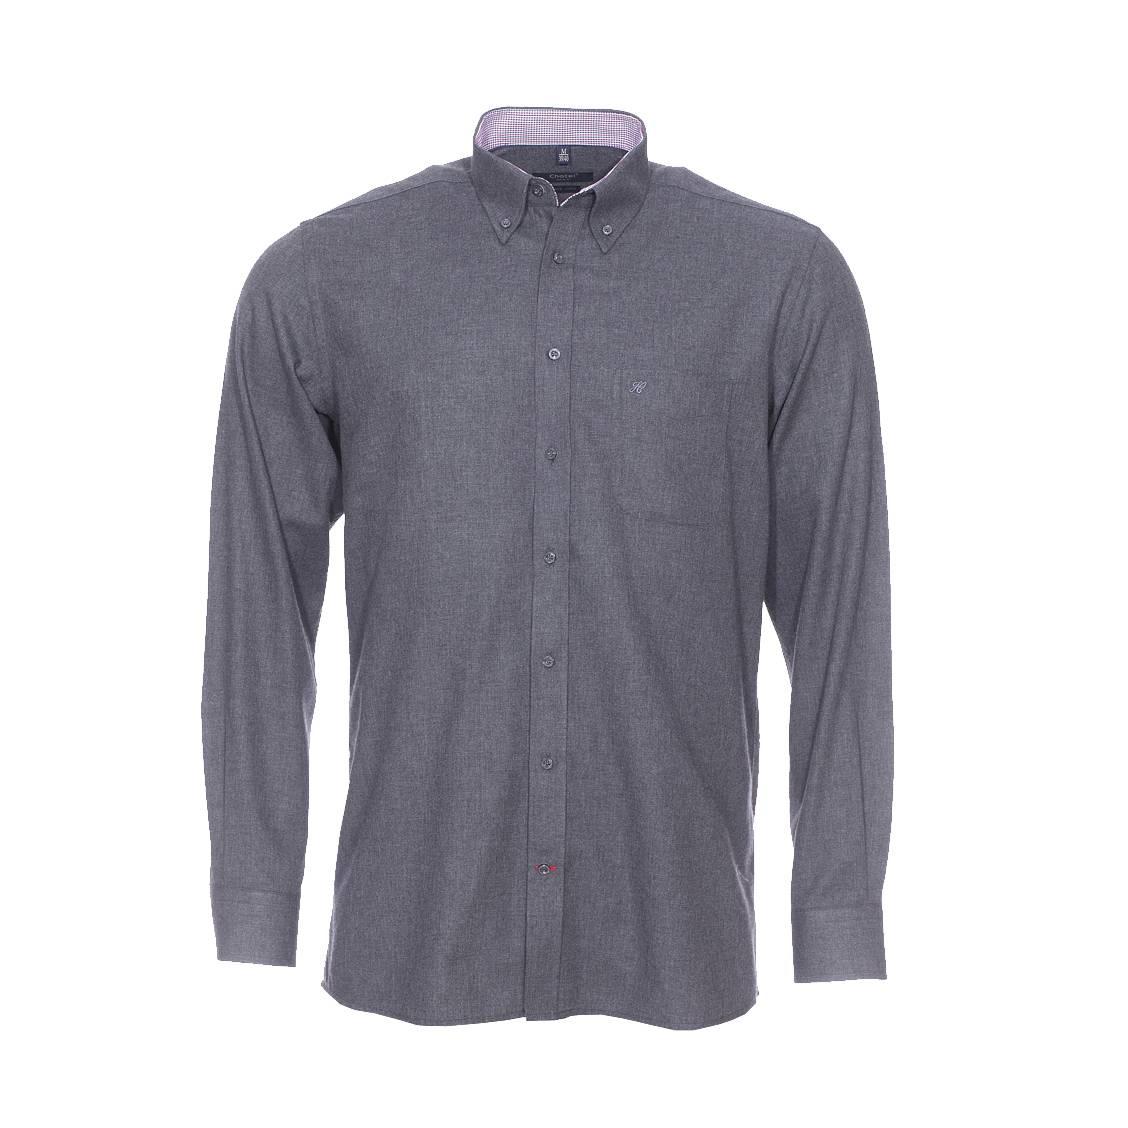 Chemise droite  en jersey de coton anthracite, opposition à carreaux